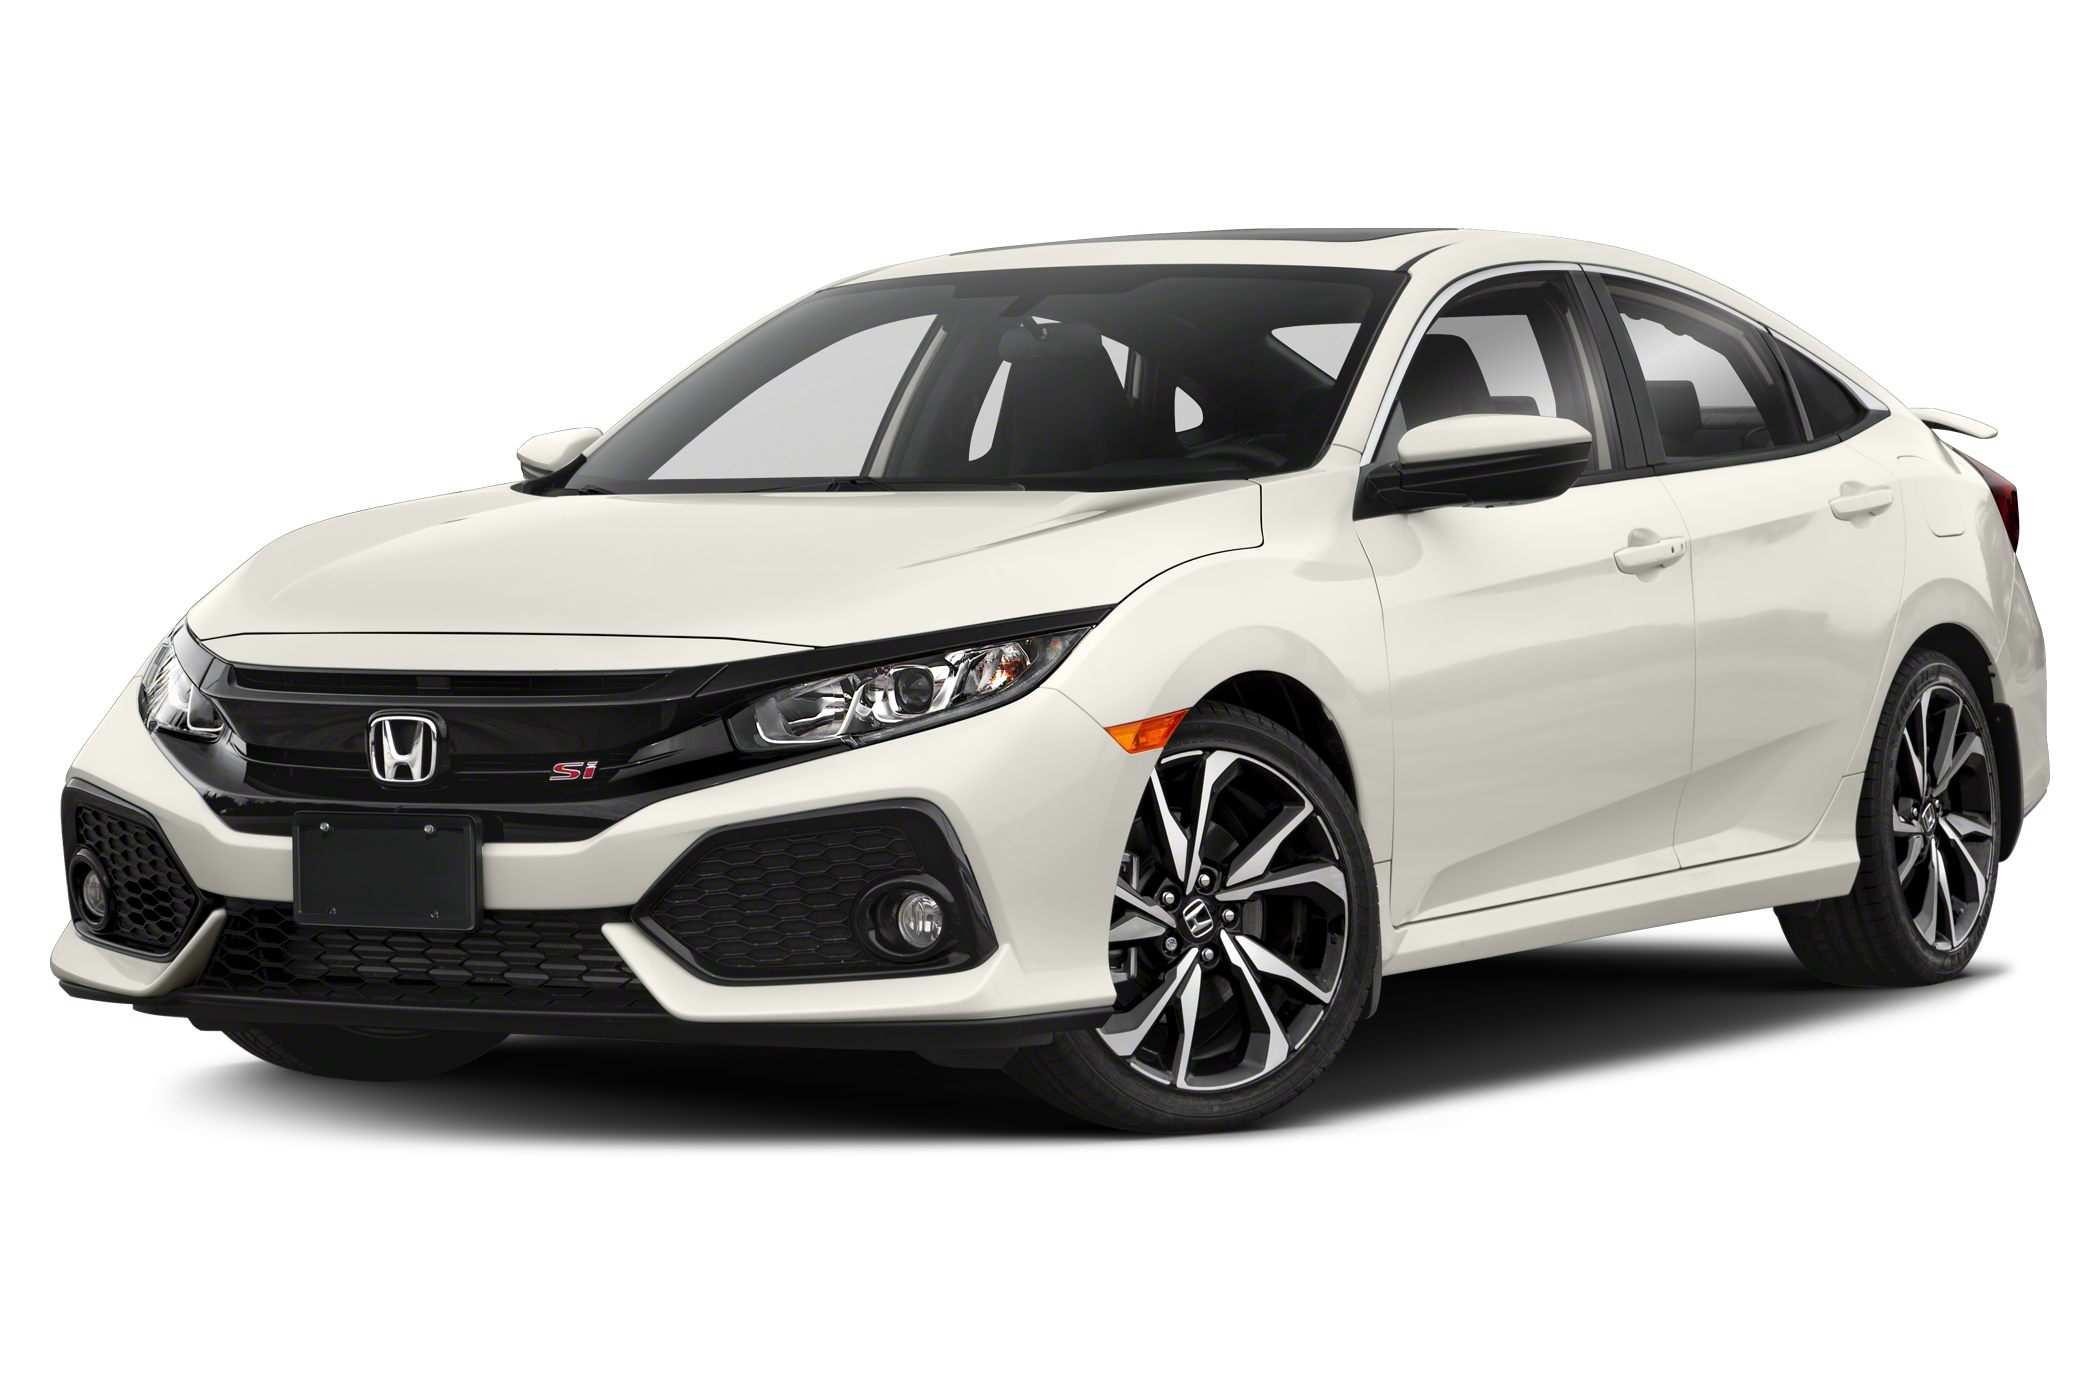 22 New 2019 Honda Civic Si Concept by 2019 Honda Civic Si